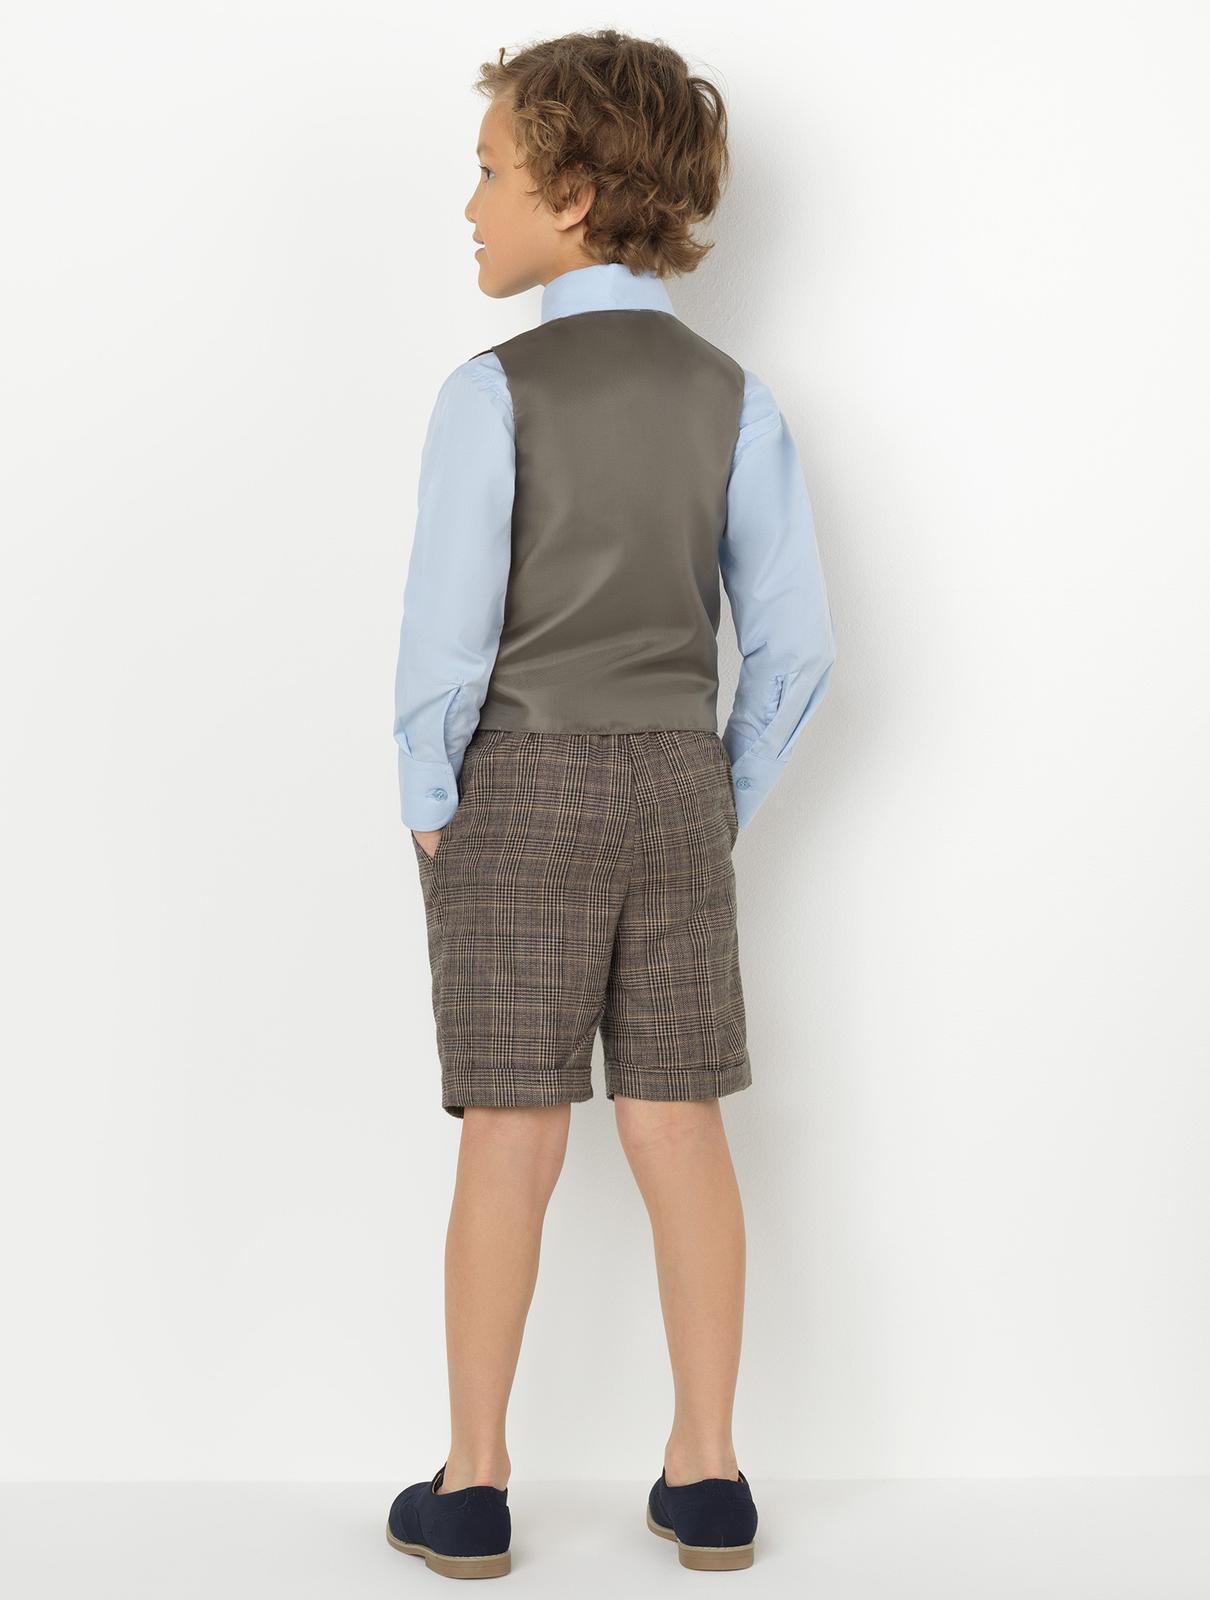 NOVINKA - letní oblek k prodeji nebo k půjčení - Obrázek č. 2